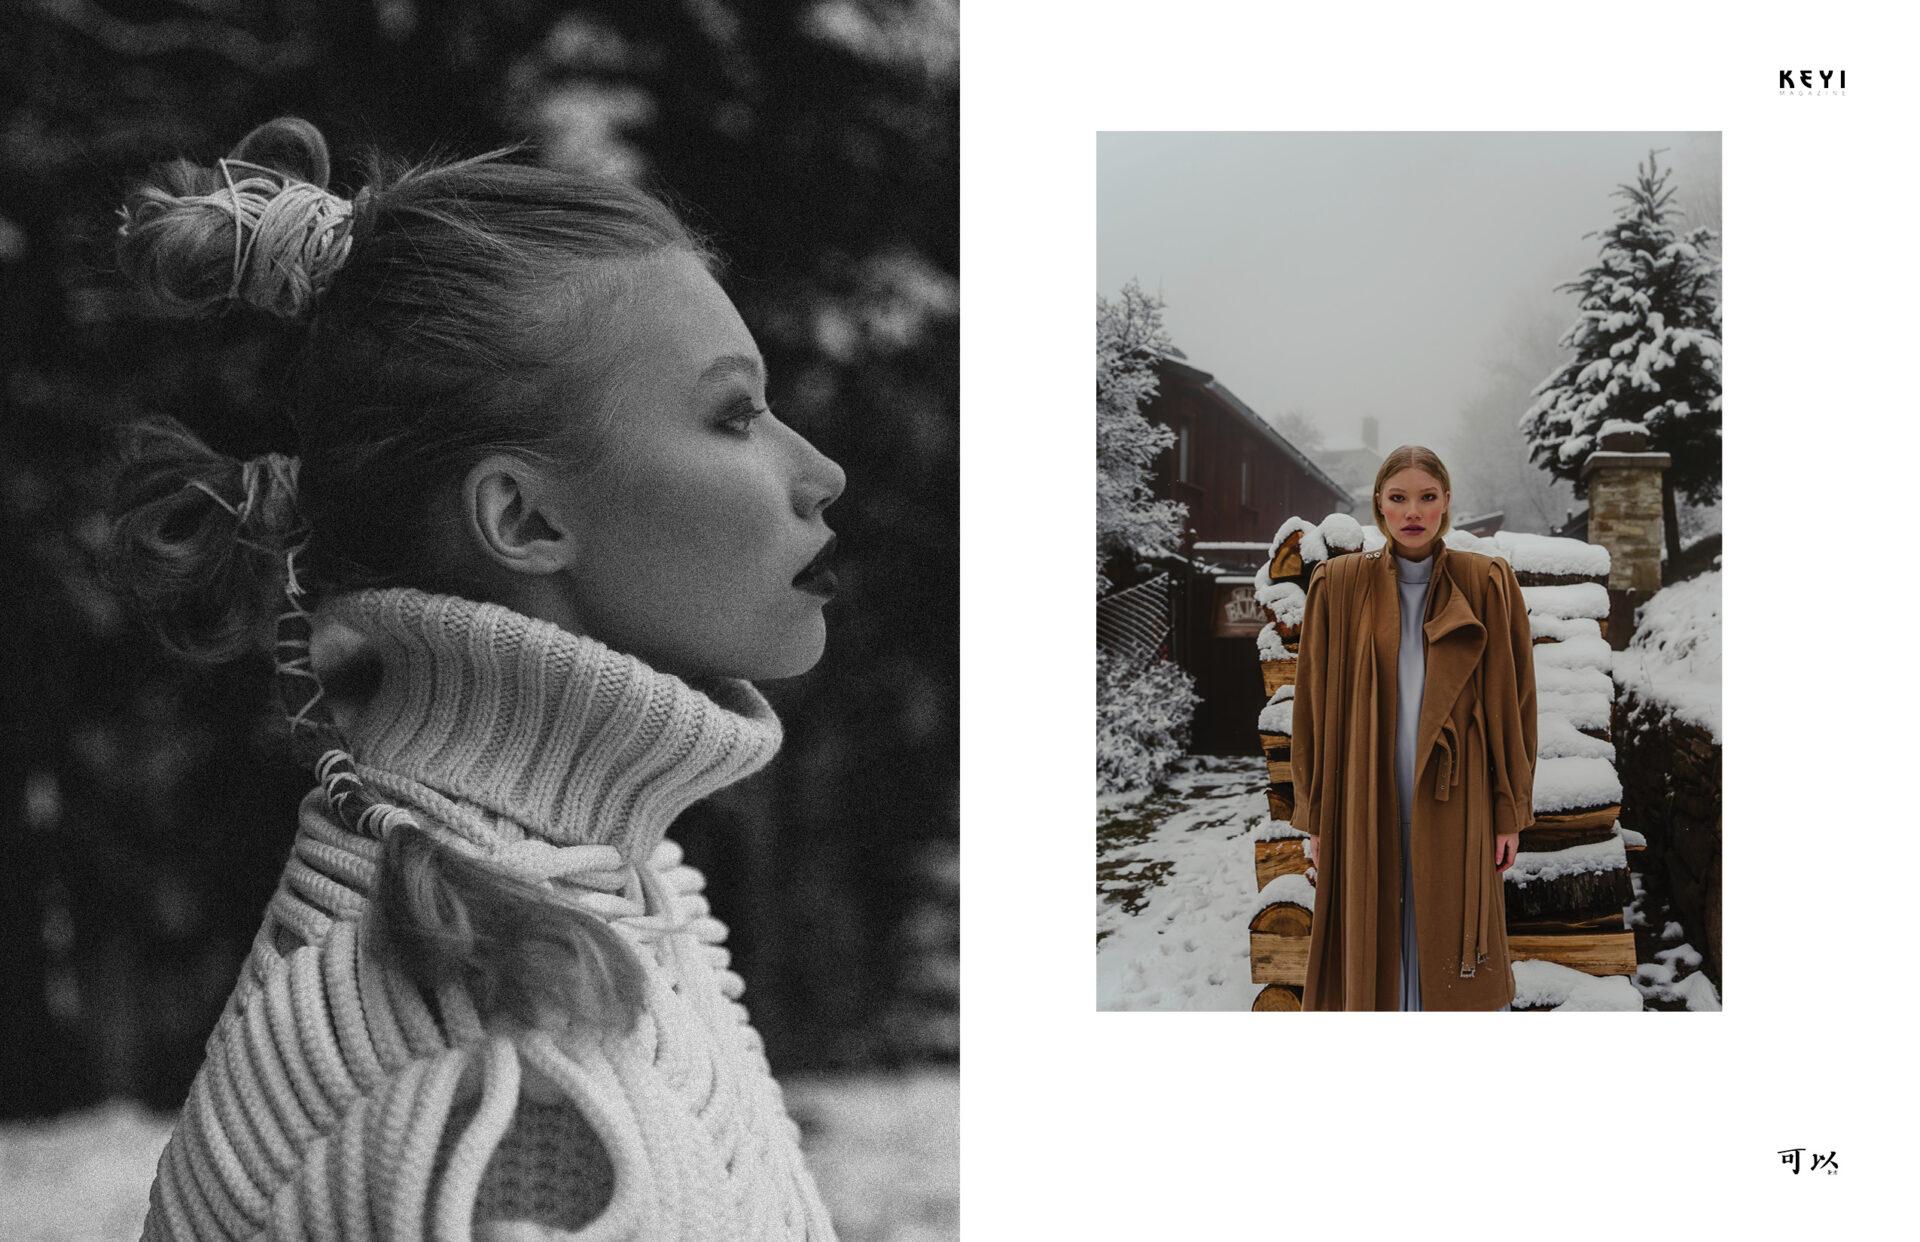 """editorial """"Cold woman"""" by Dominika Witos with Magda Kurczewska from Made by Milk Agency. Make up by Paulina Witek and Hair by Radosław Galiński"""